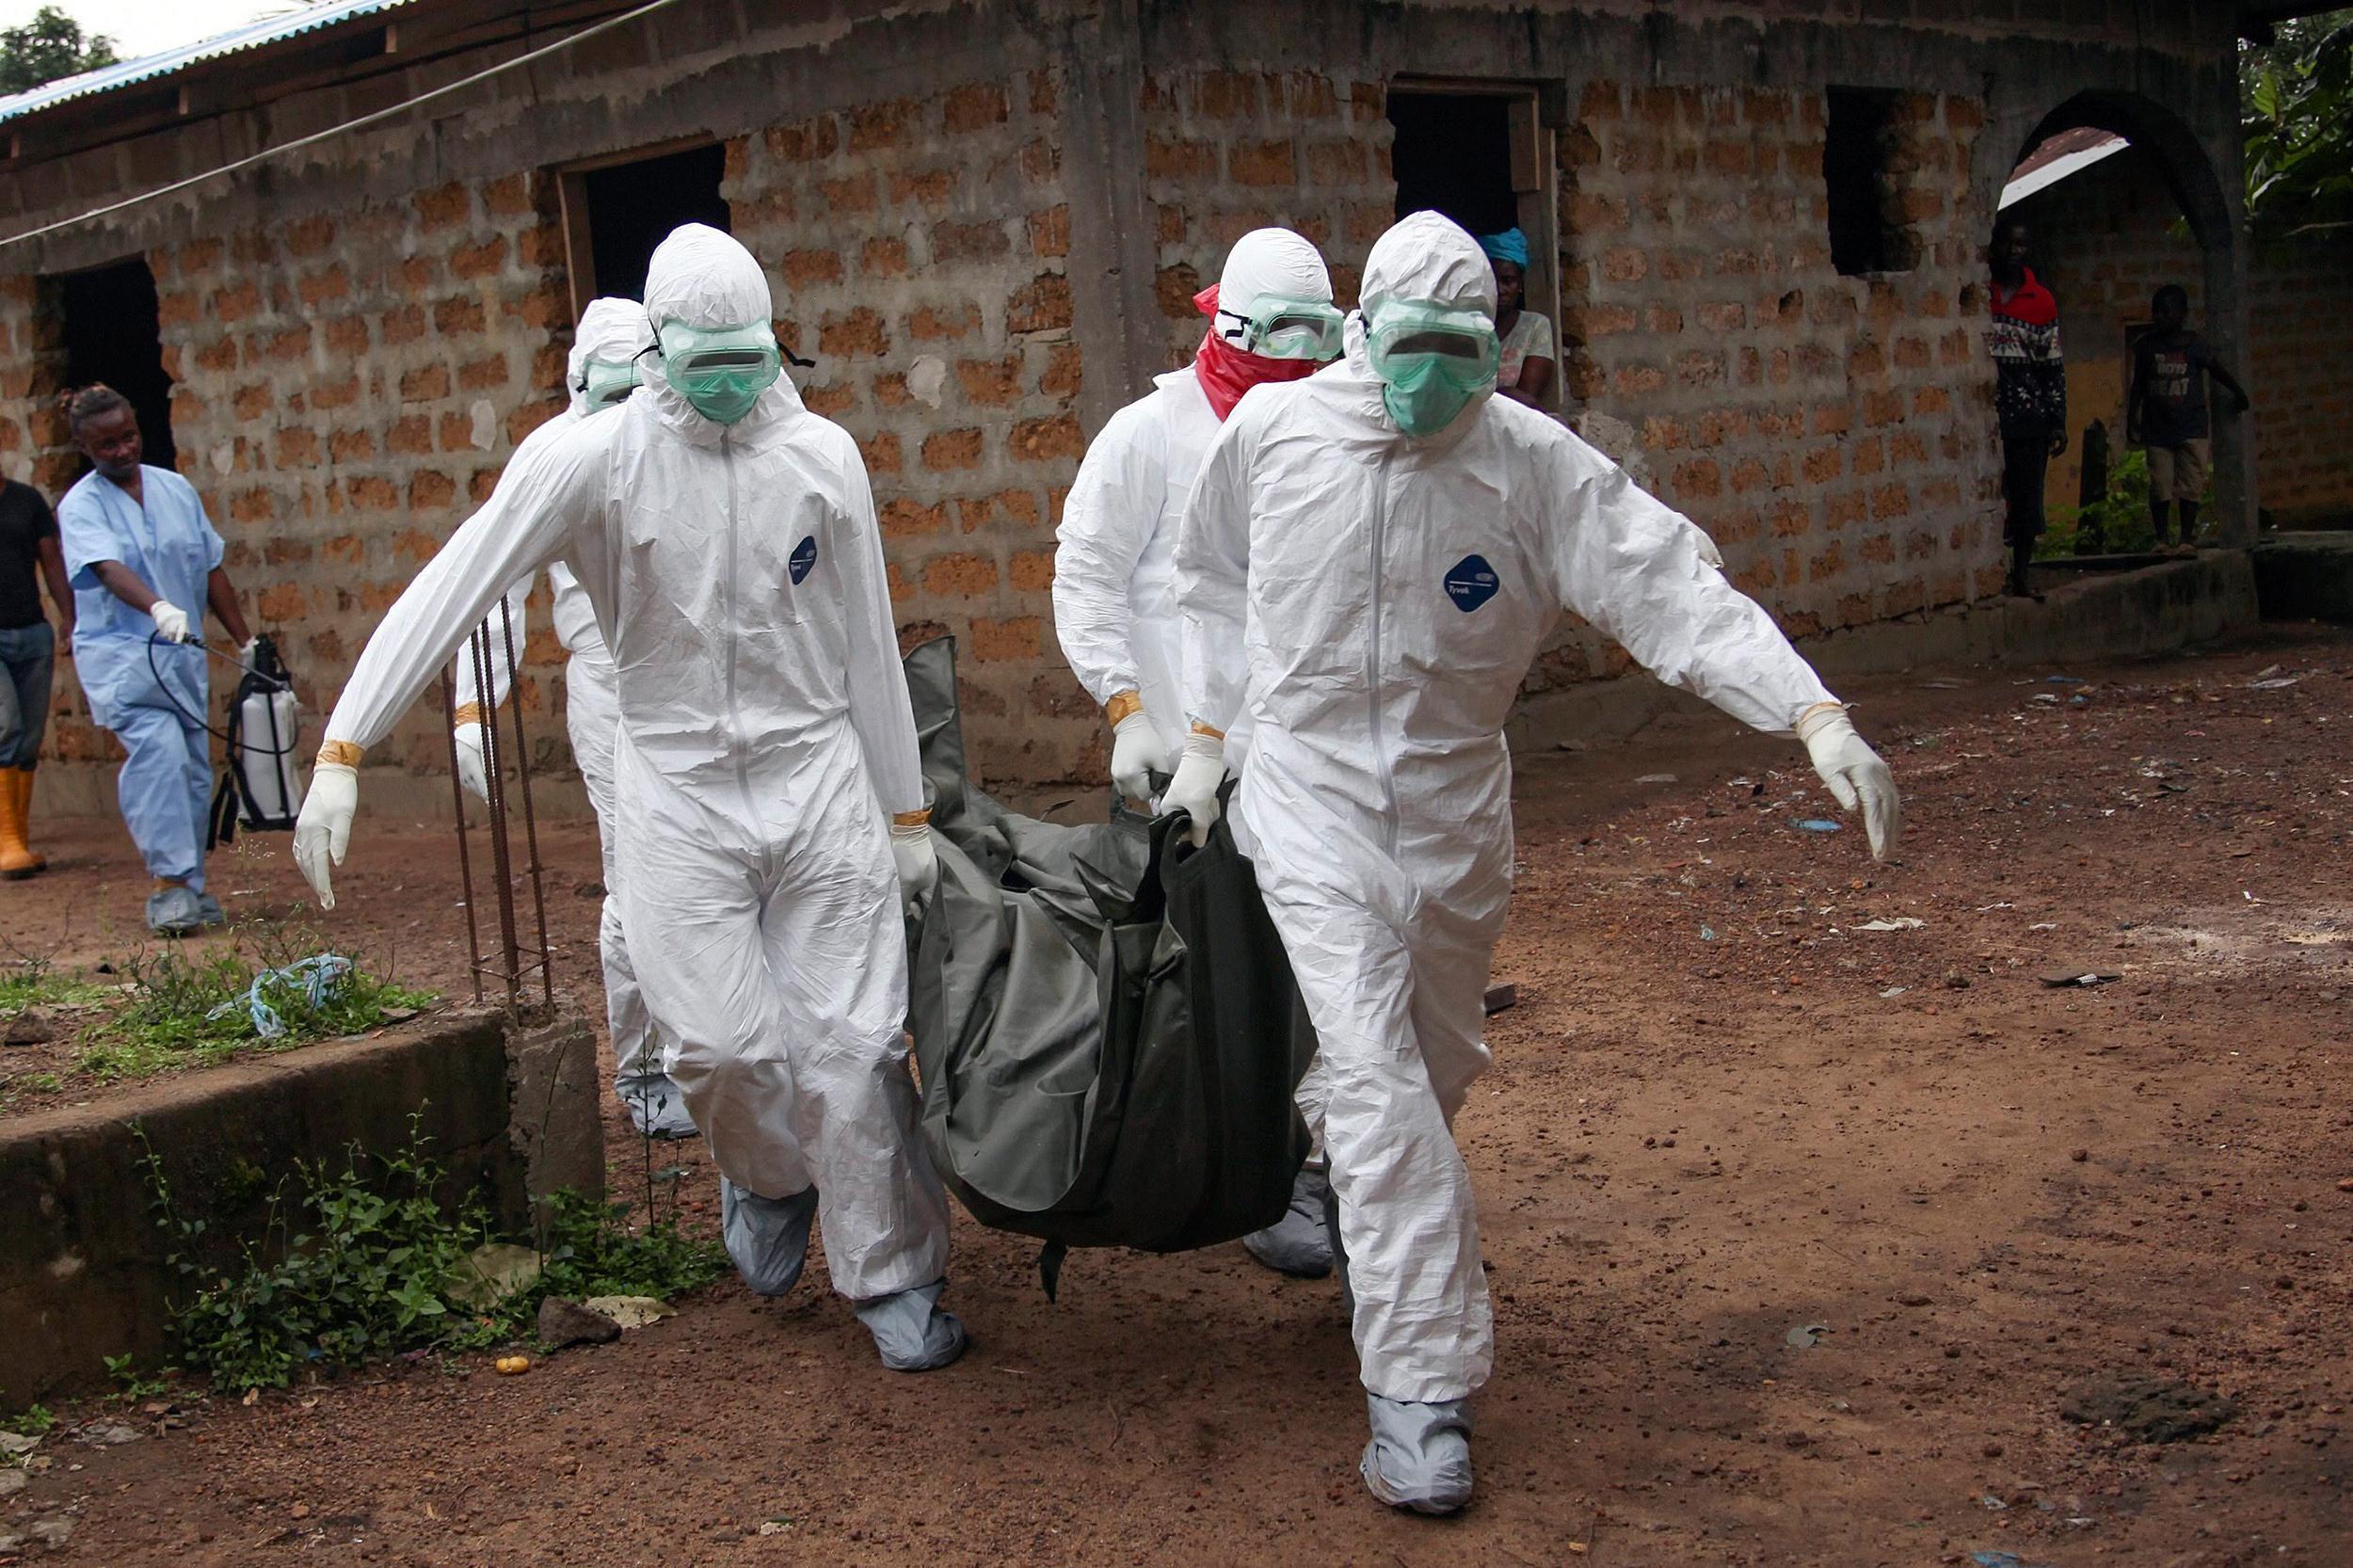 कङ्गोमा एक वर्षमा इबोला संक्रमणबाट दुई हजार जनाको मृत्यु